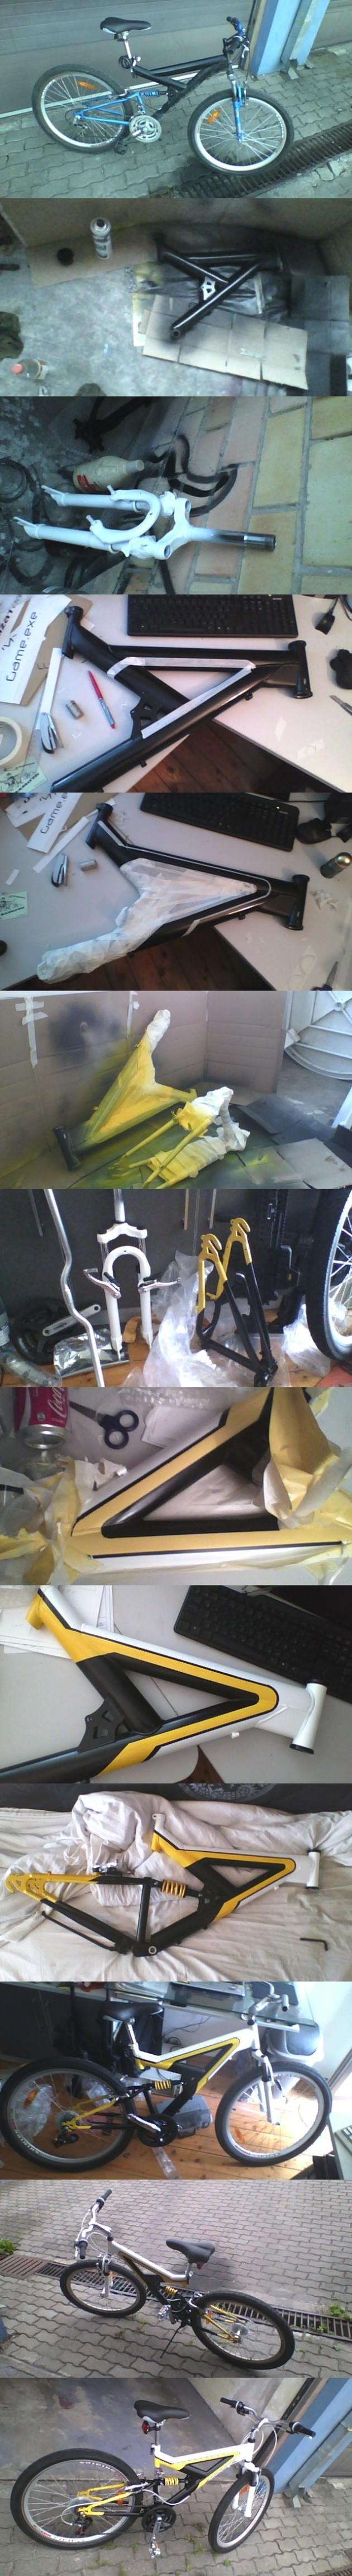 bikelong